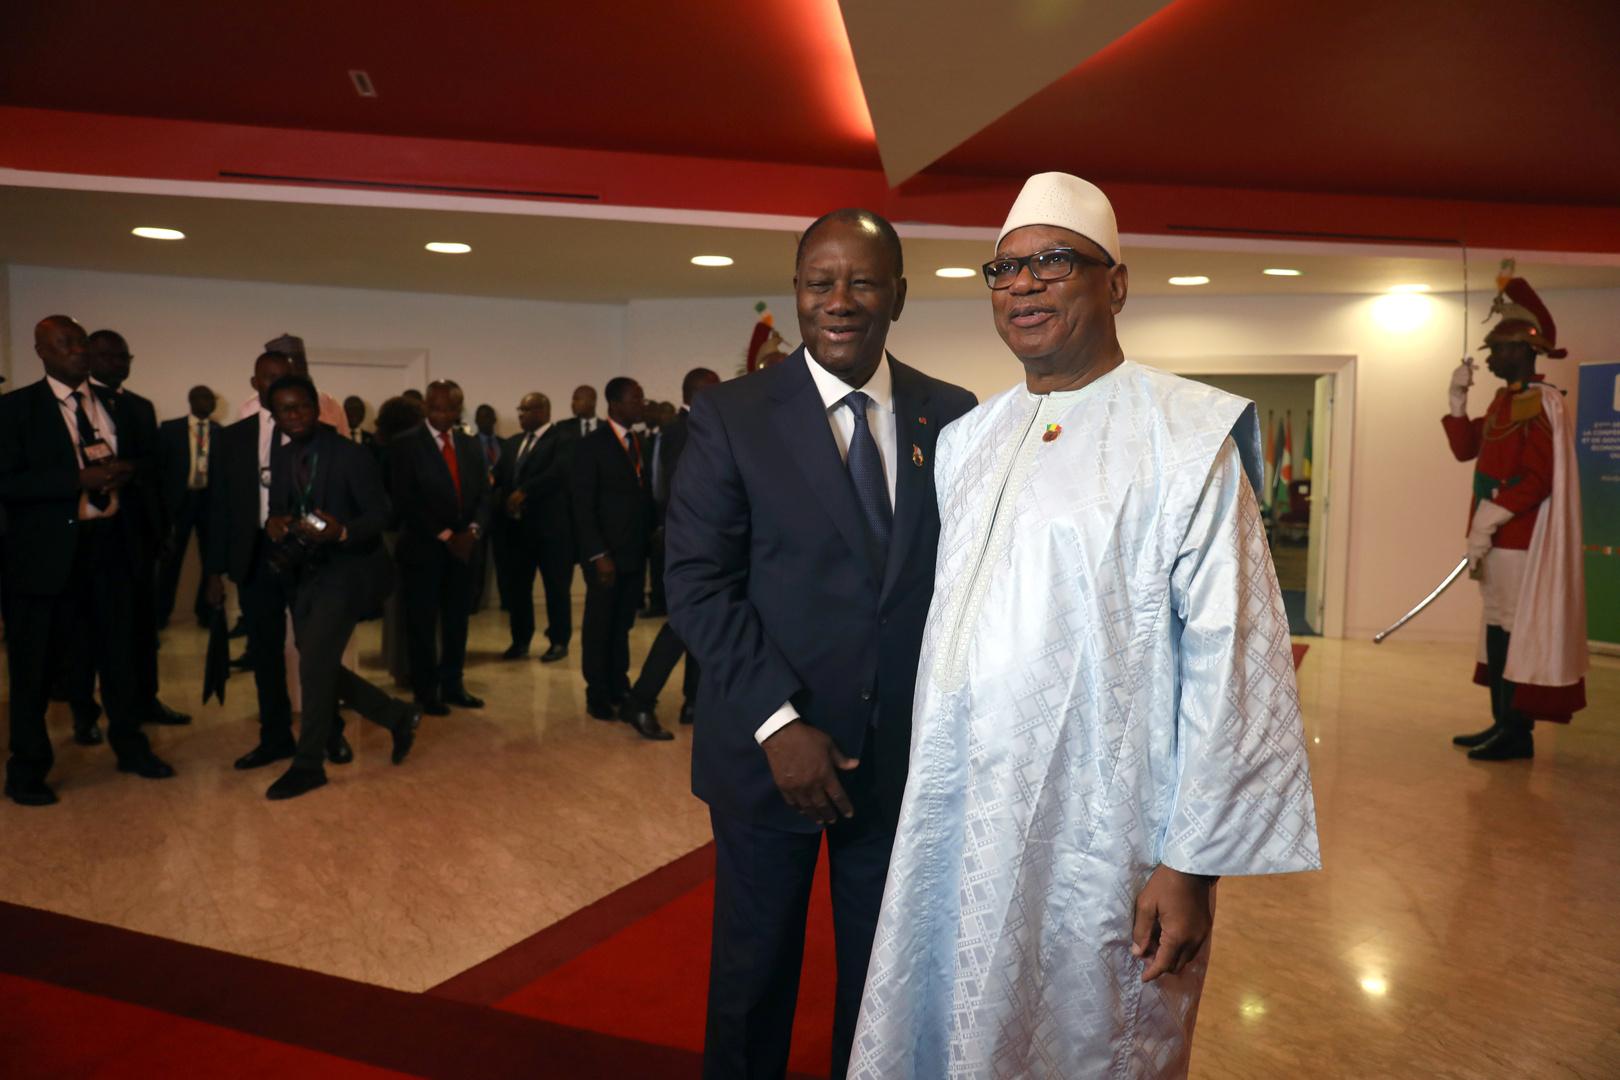 4 رؤساء من دول غرب إفريقيا يقودون وساطة جديدة لحل أزمة مالي